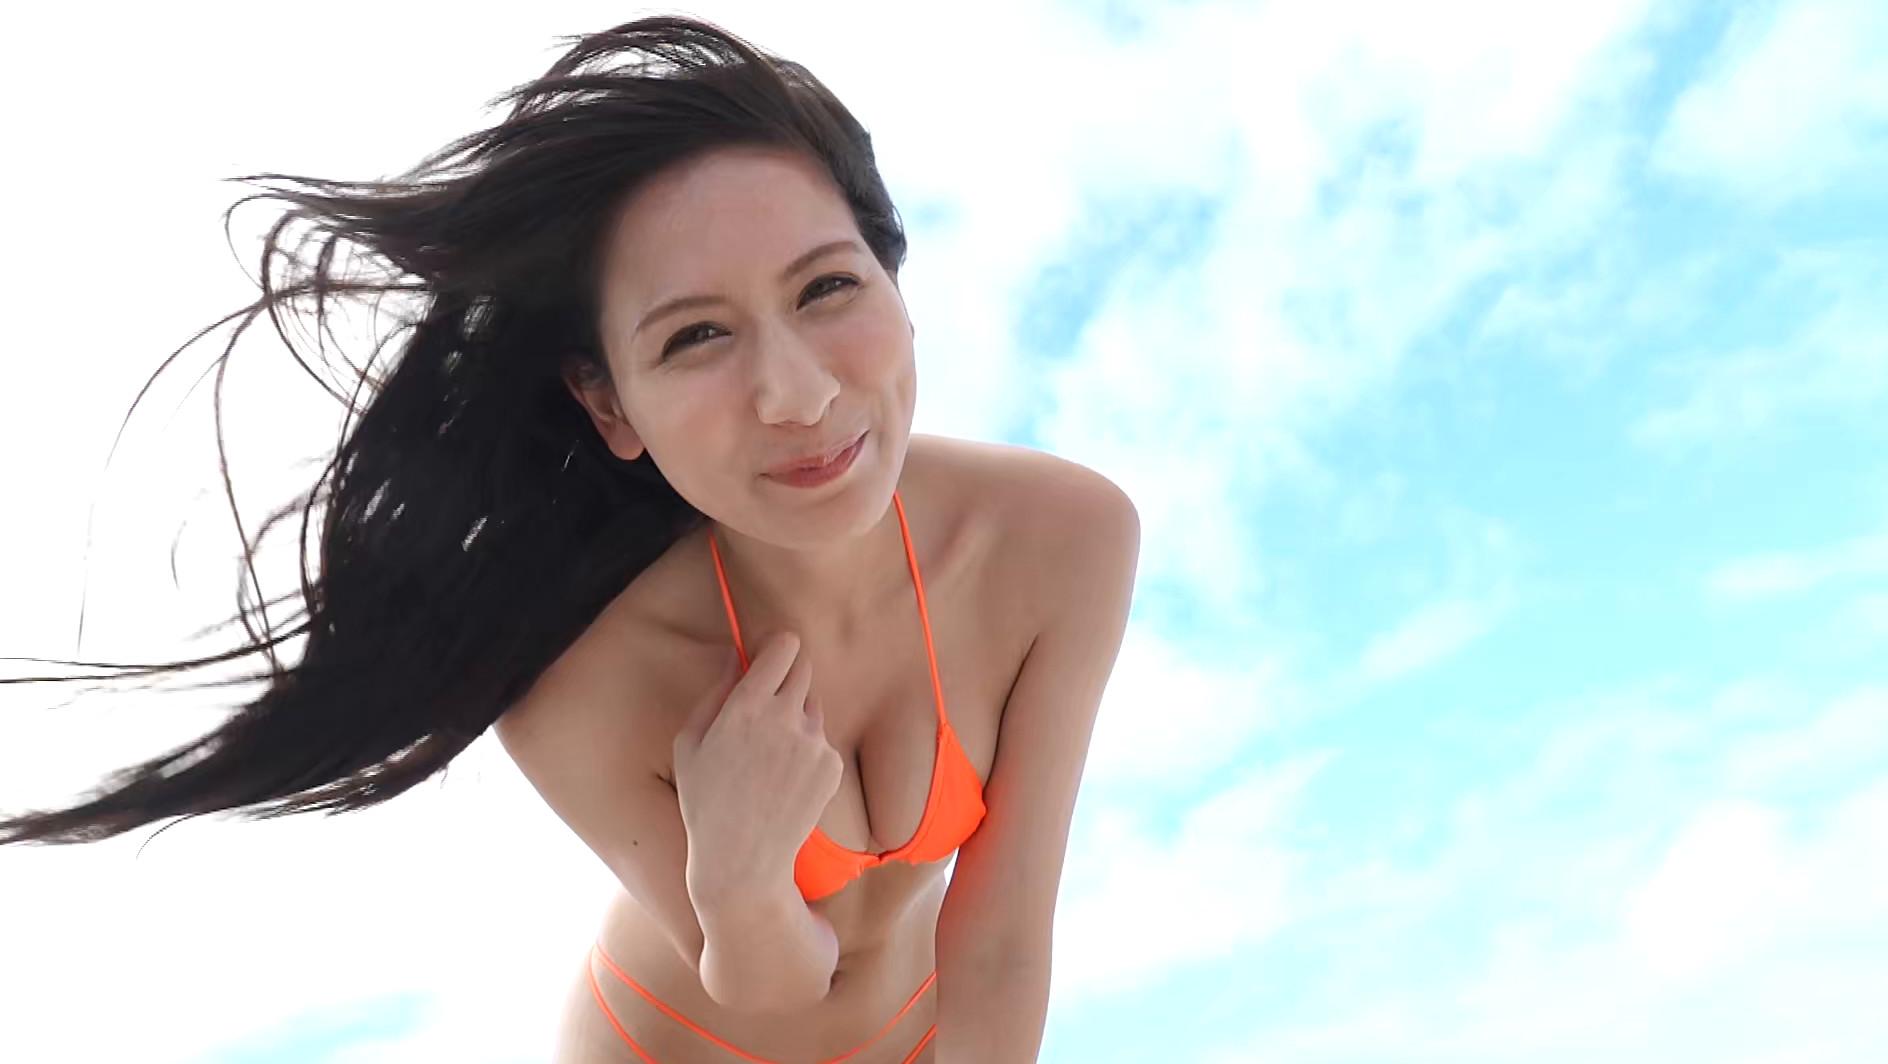 魅惑のサーシャ サーシャ菜美5